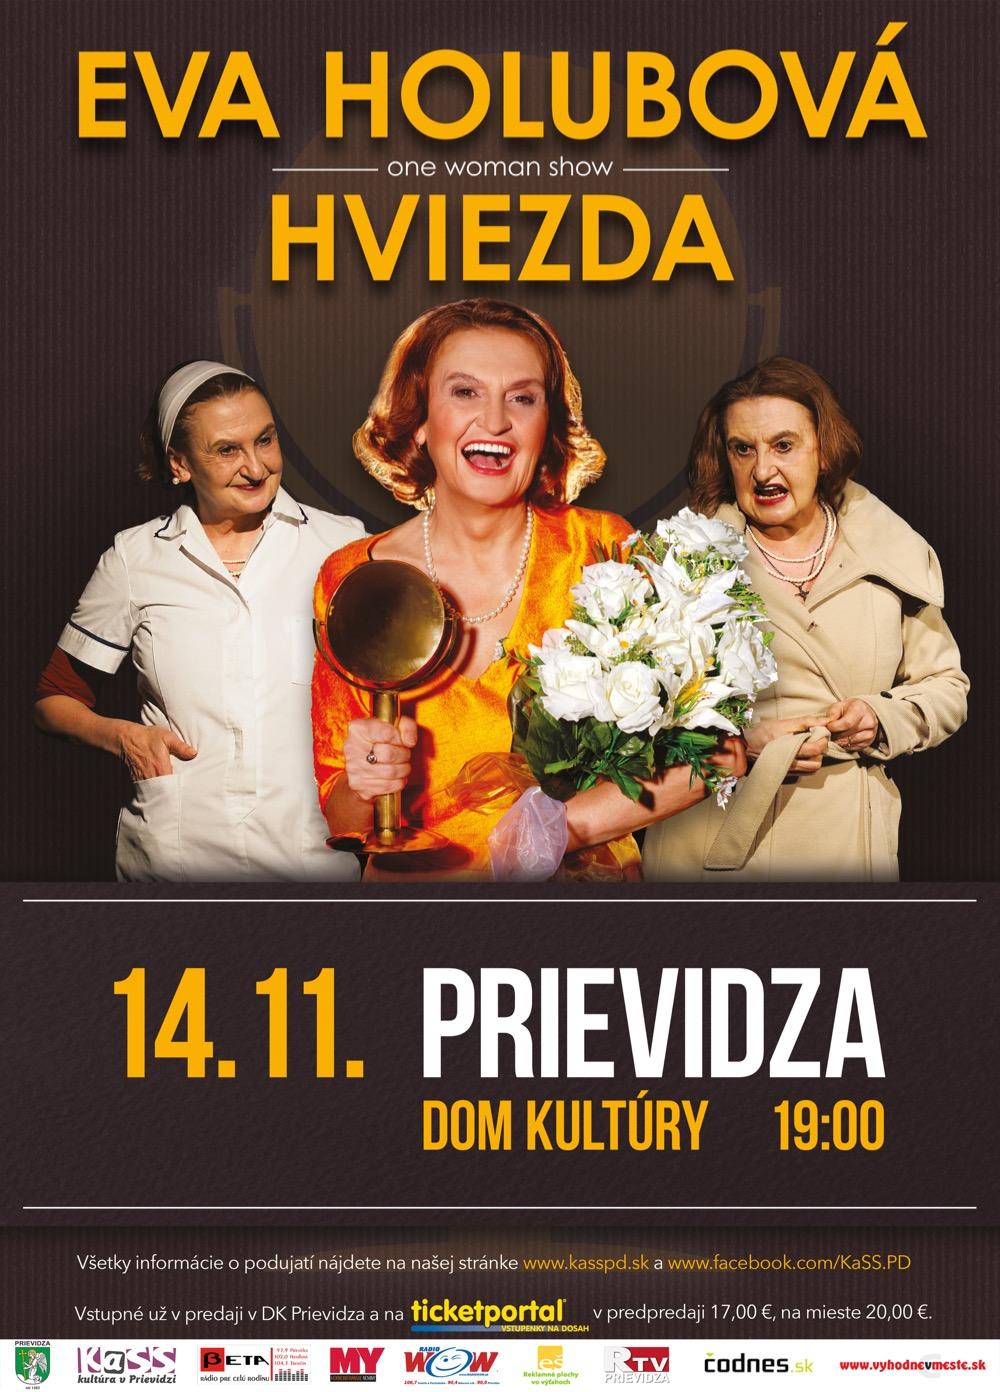 Eva Holubová - Hviezda